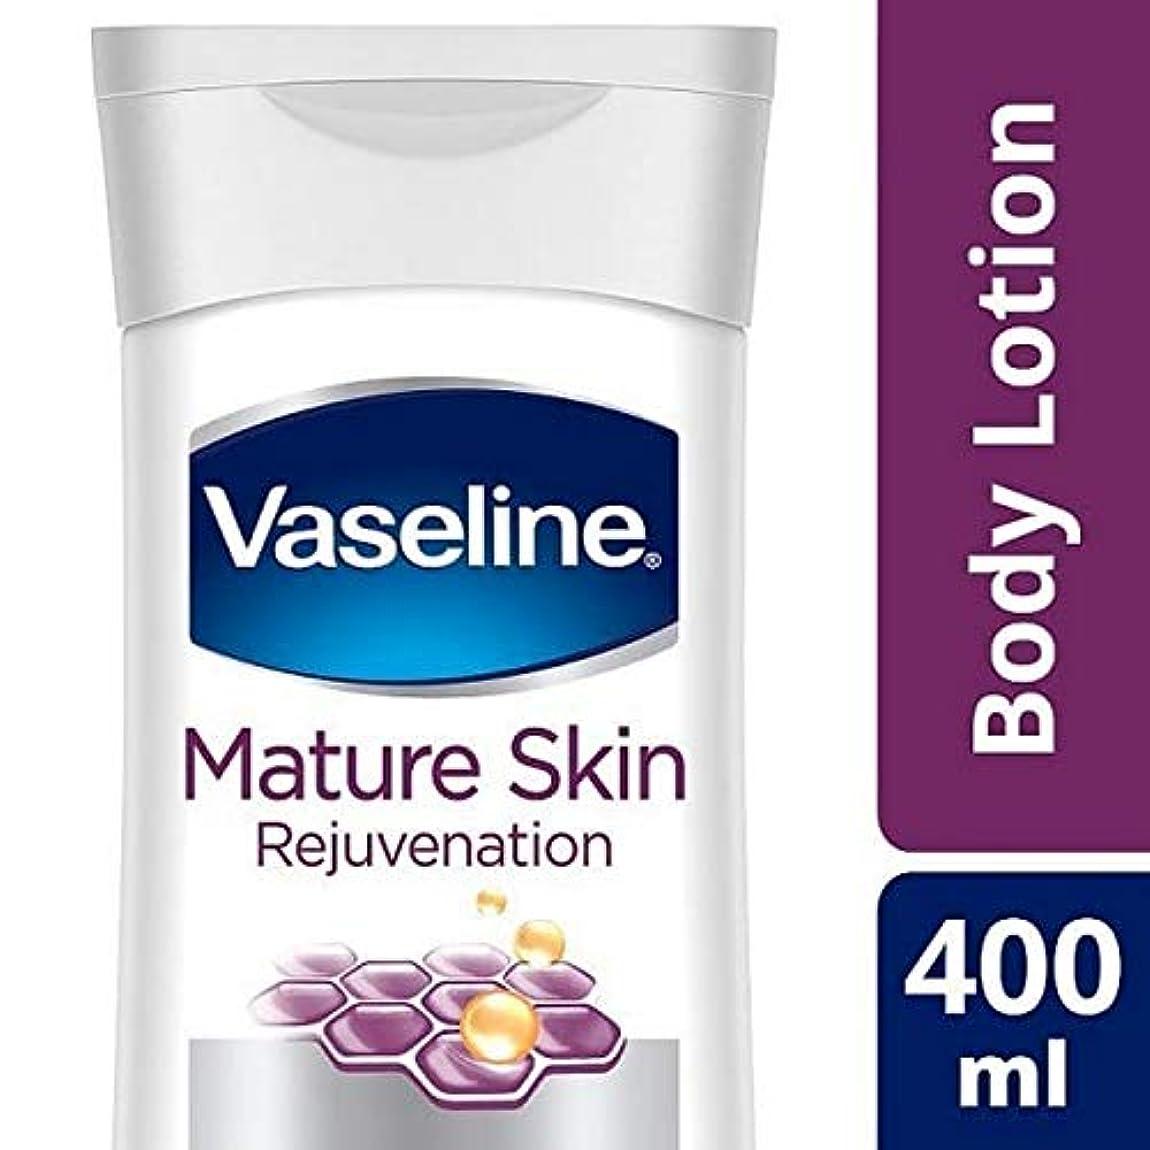 交換太字補助[Vaseline ] 成熟した肌のための400ミリリットルワセリン集中治療ボディローション - Vaseline Intensive Care Body Lotion for Mature Skin 400ml [並行輸入品]